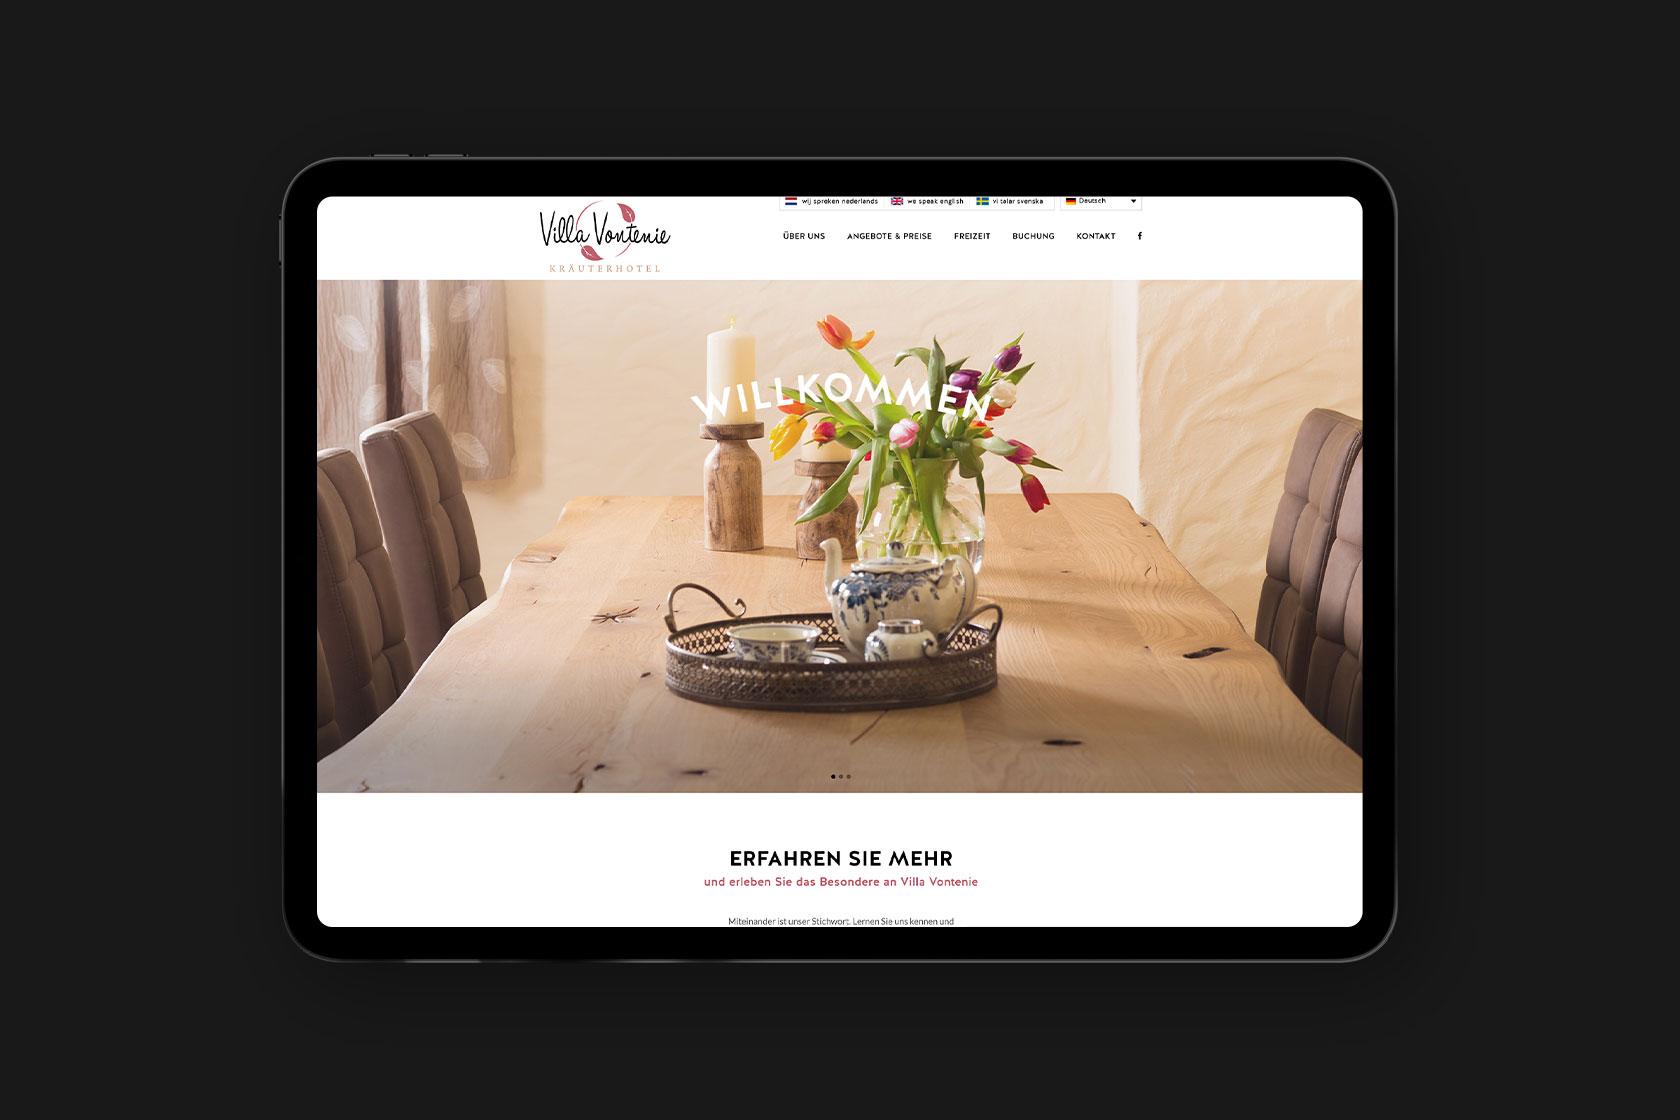 Webdesign für Villa Vontenie aus Kordel